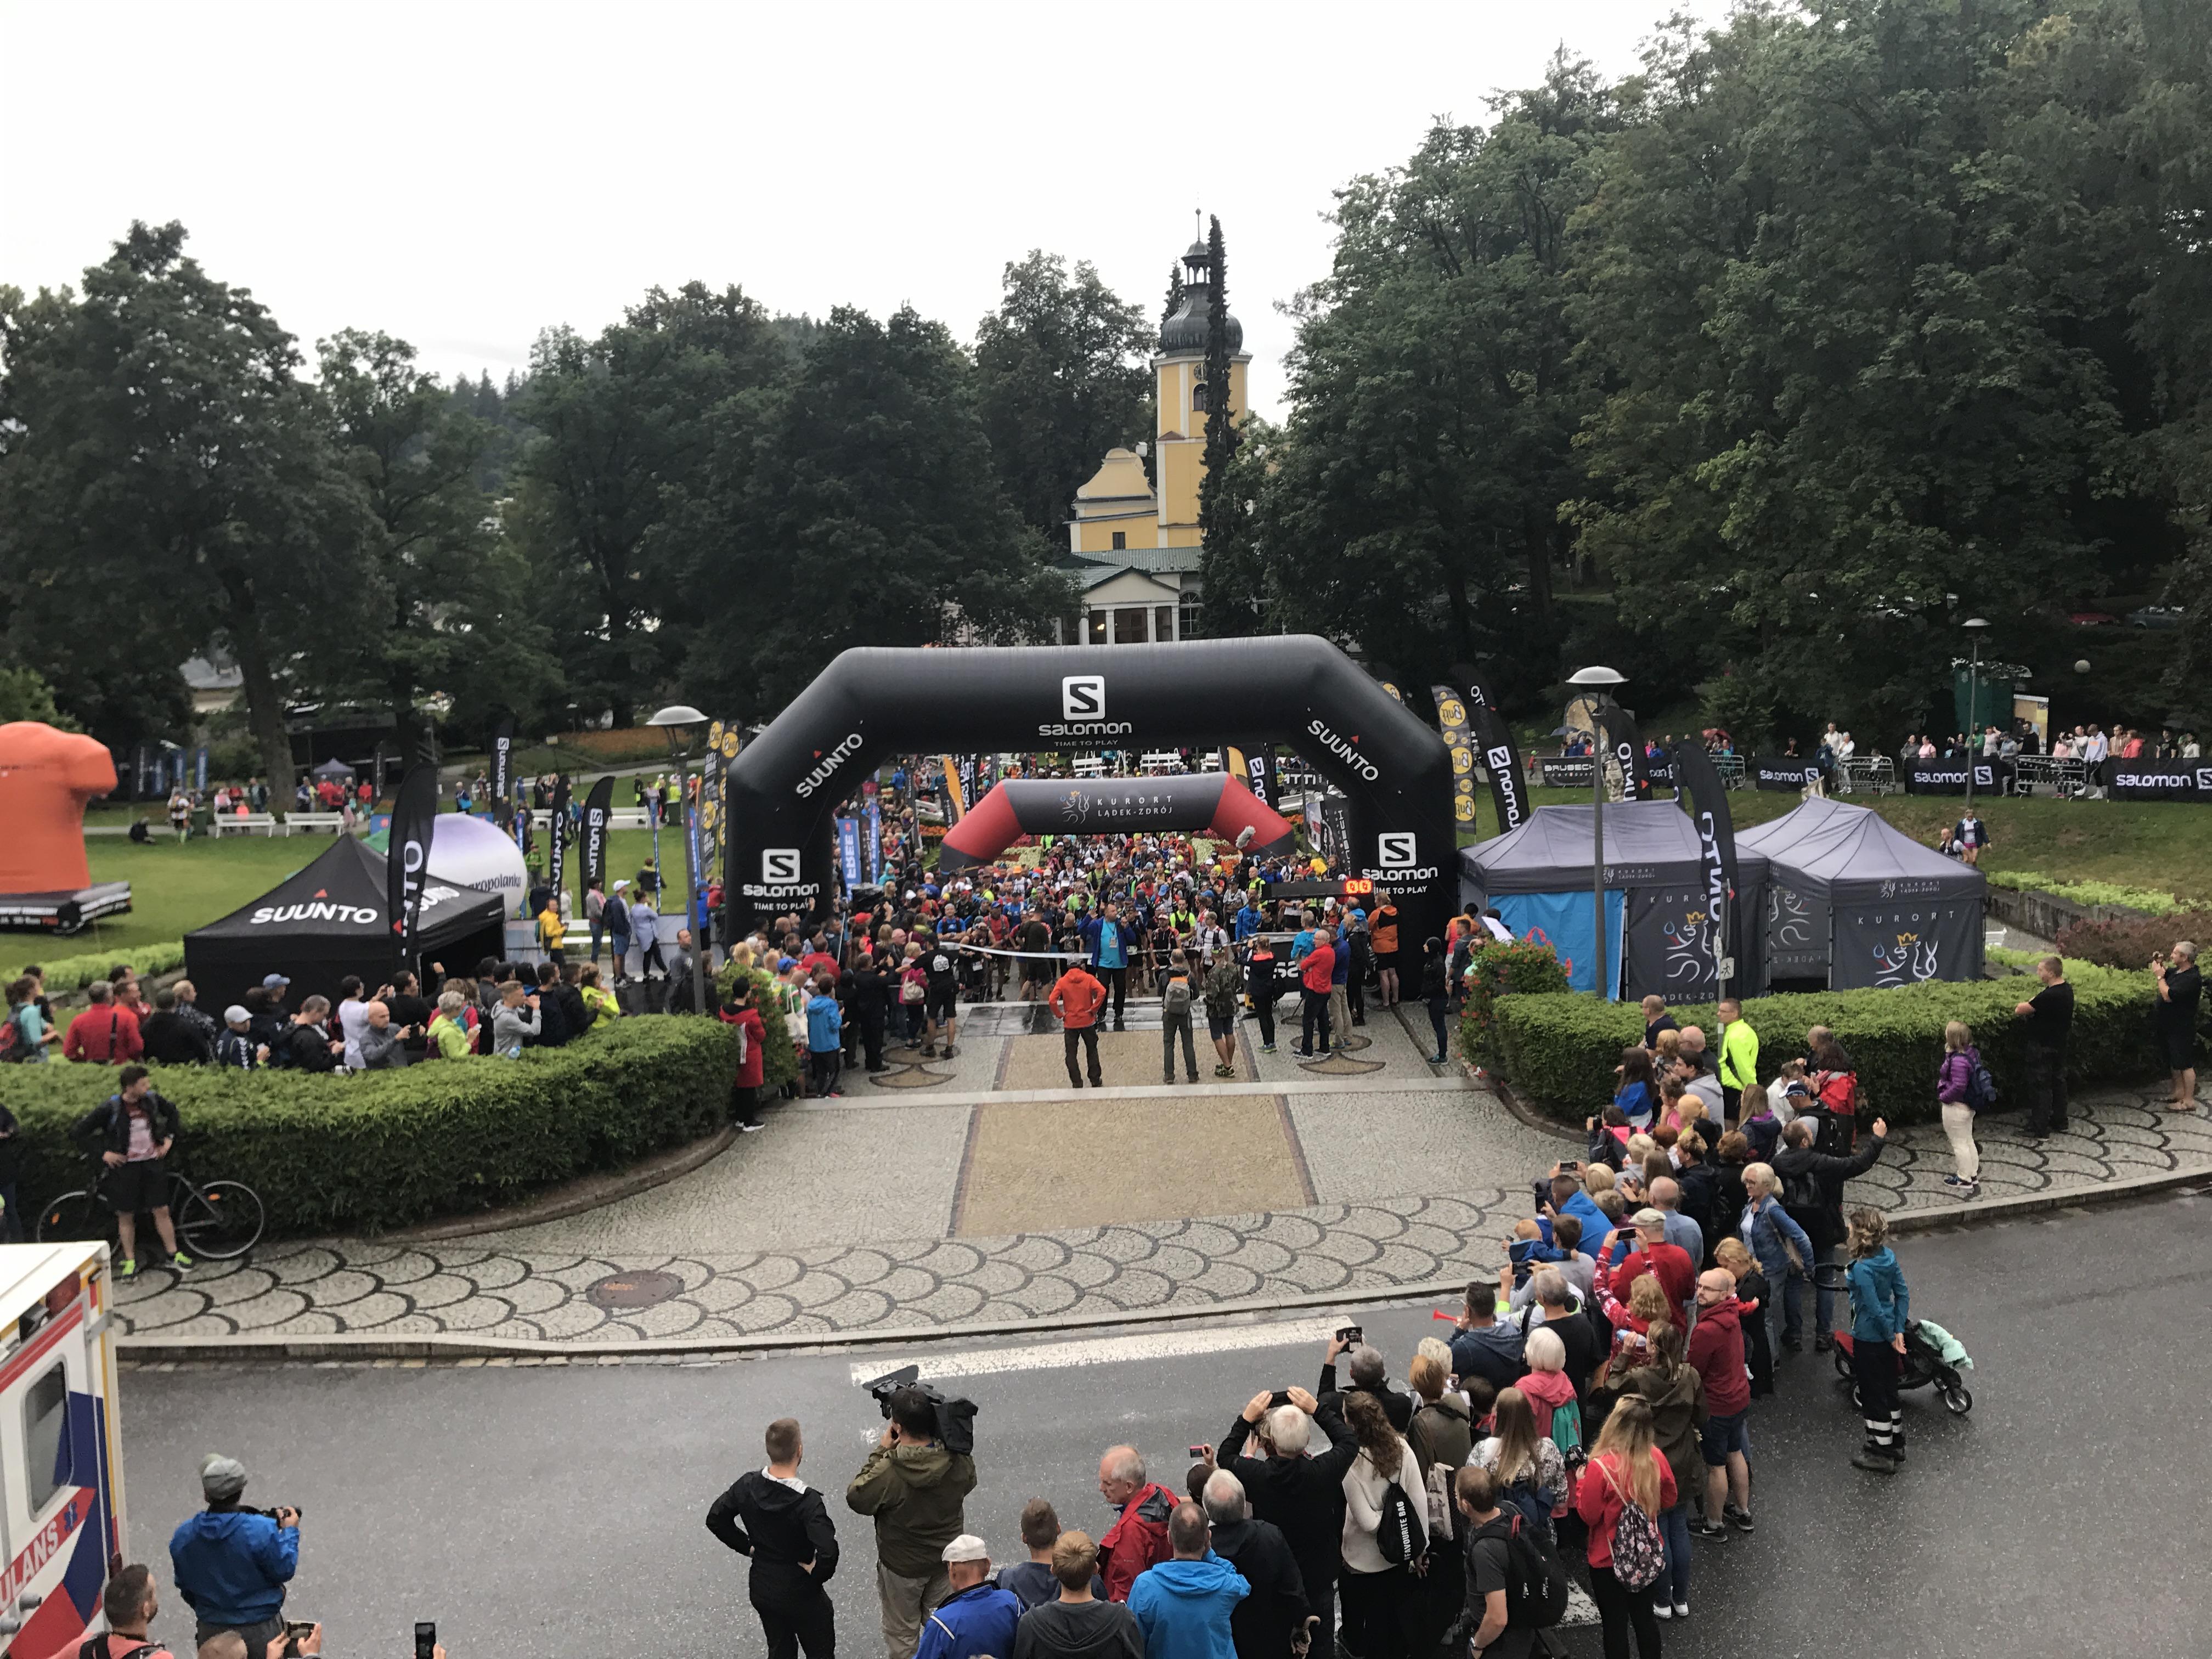 Dolnośląski Festiwal Biegów Górskich w Lądku Zdroju (fot. Salomon)